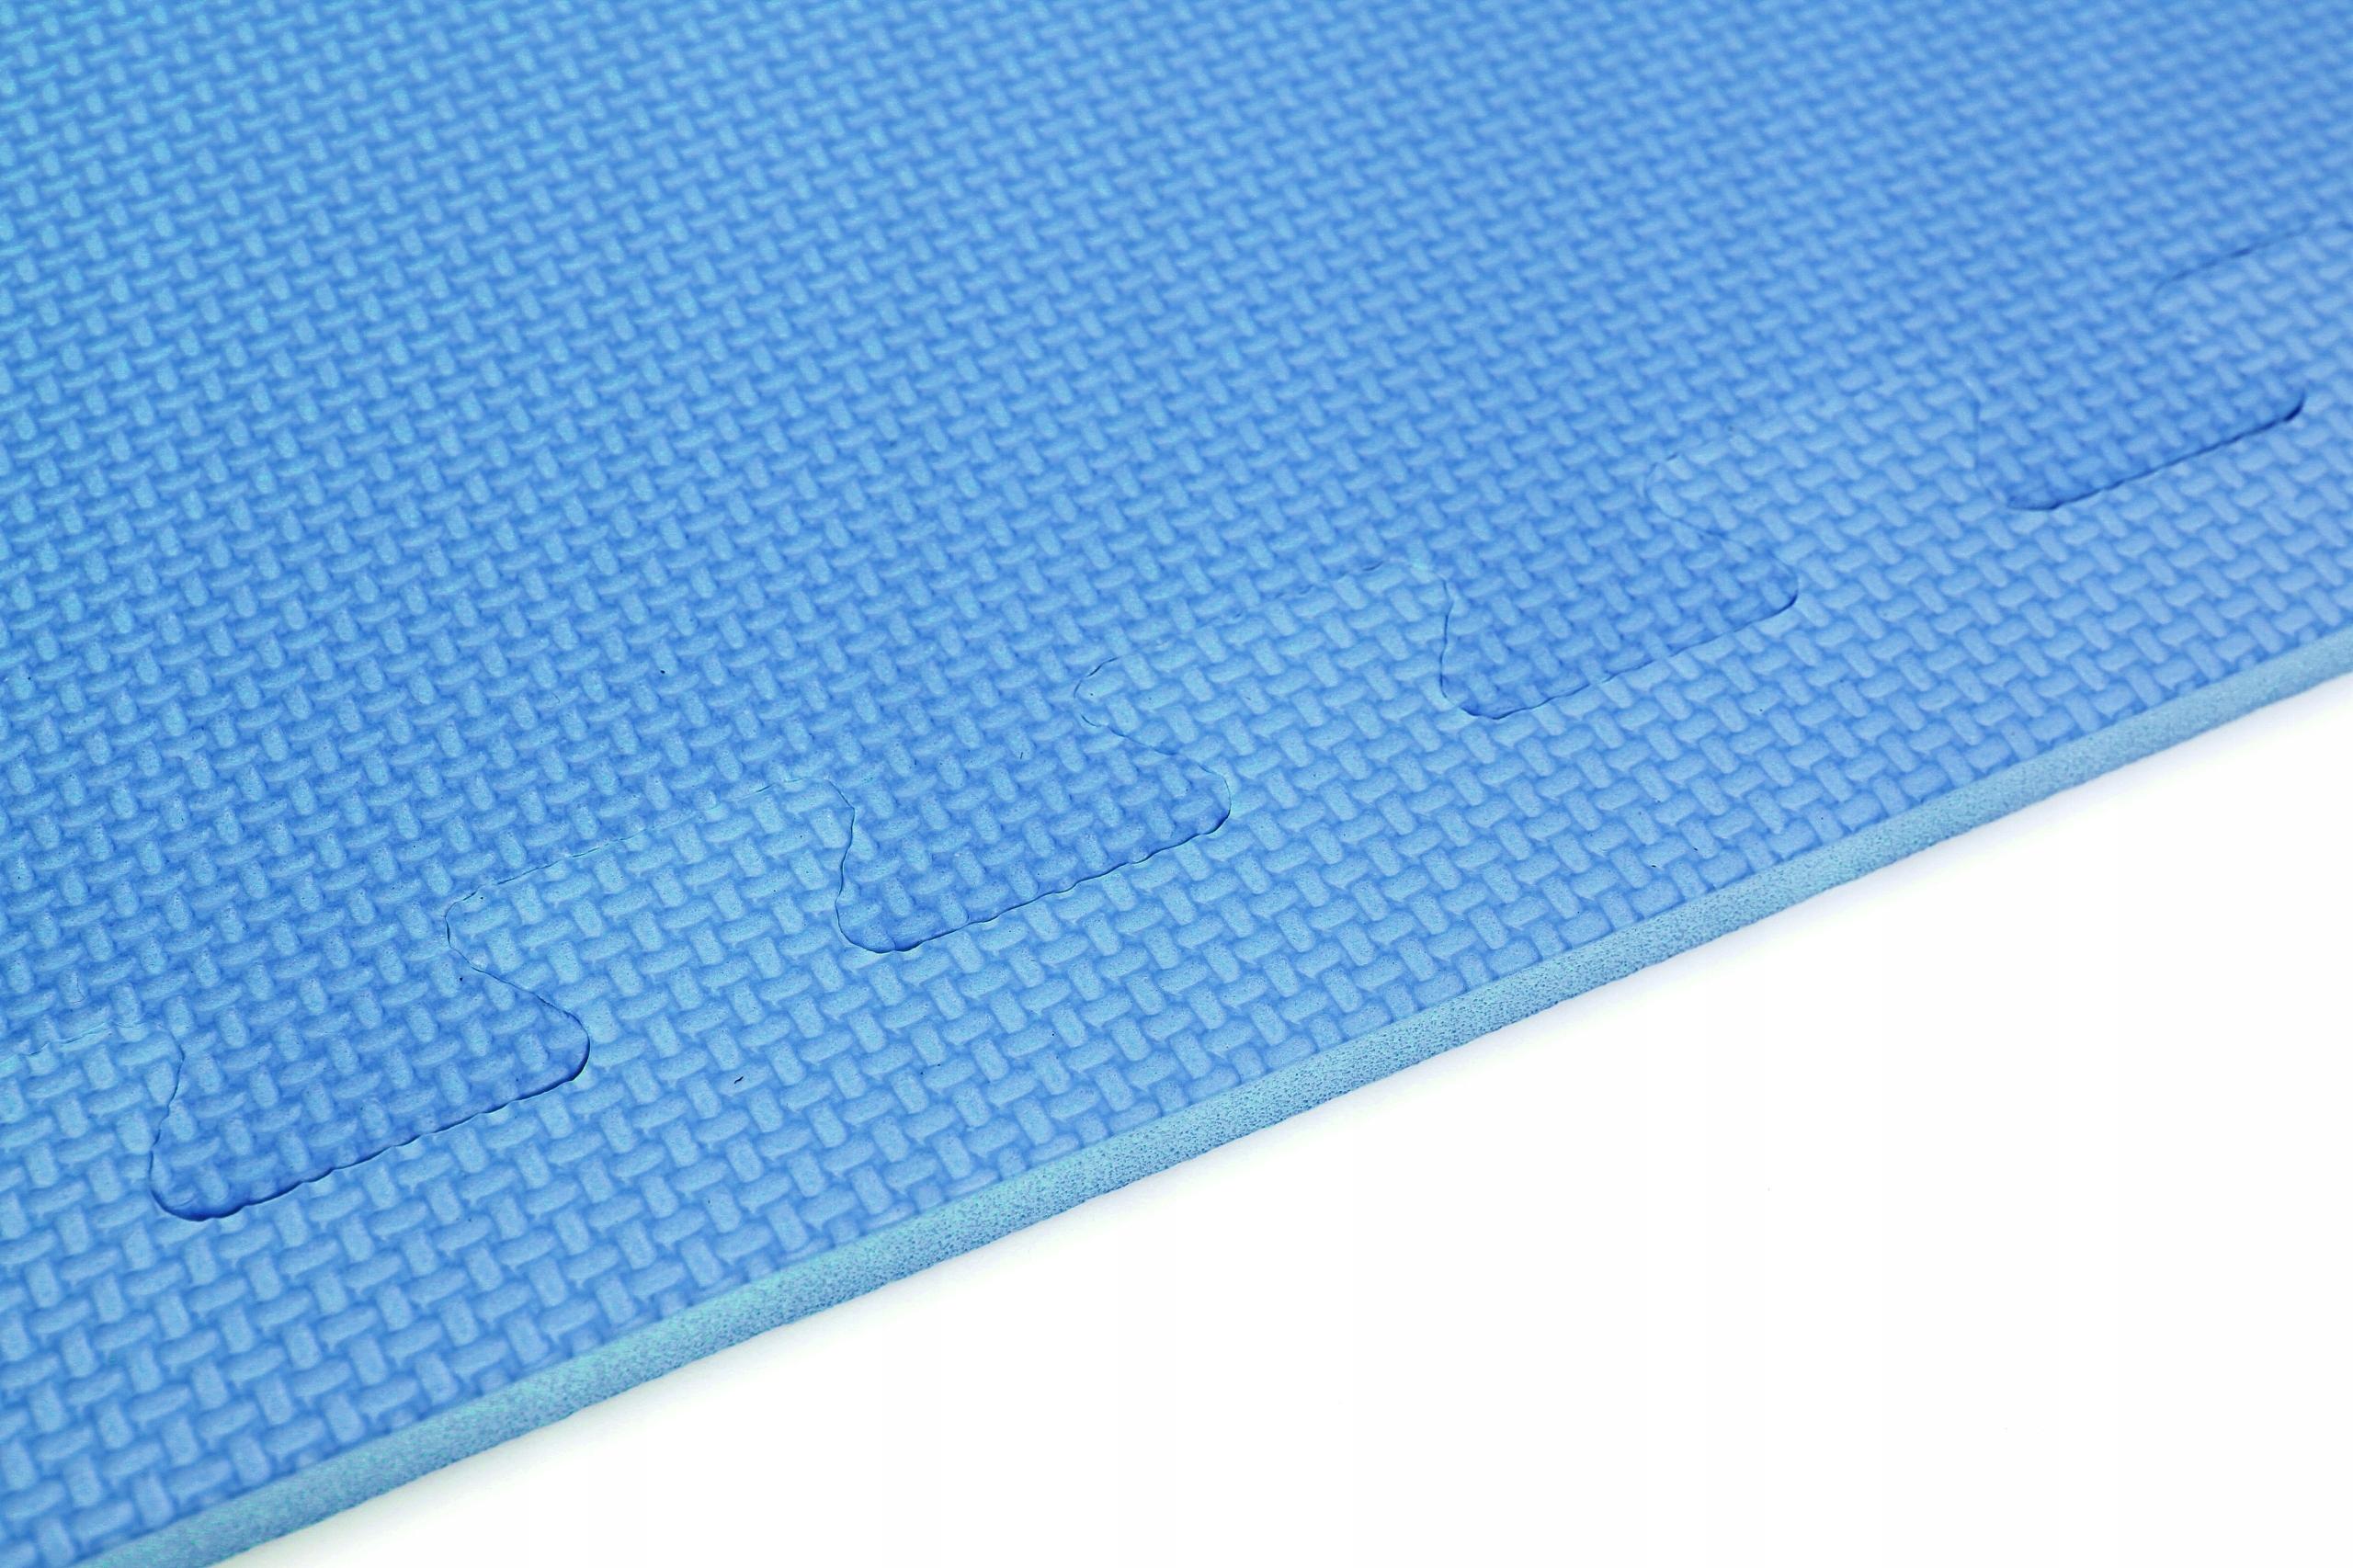 PIANKOWA MATA SAPPHIRE dla DZIECI 122x240cm, 8SZT Kolor dominujący odcienie niebieskiego